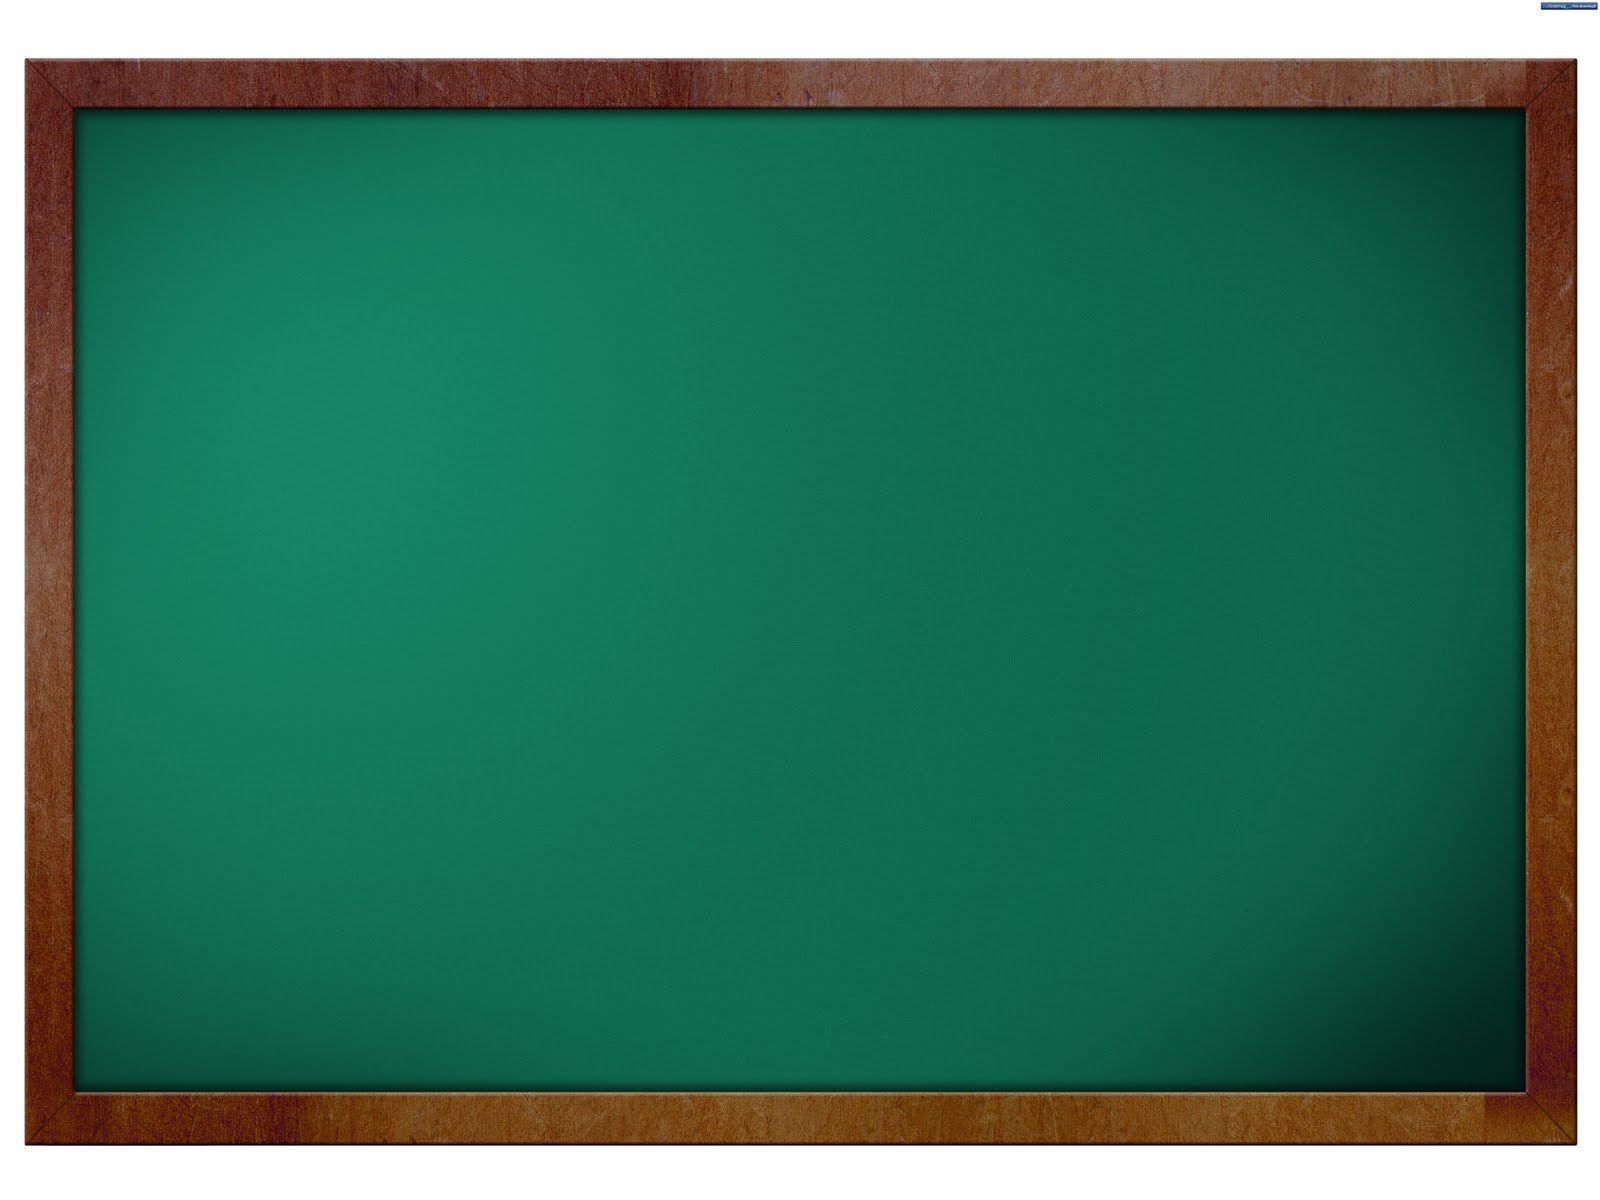 Green Board Wallpaper